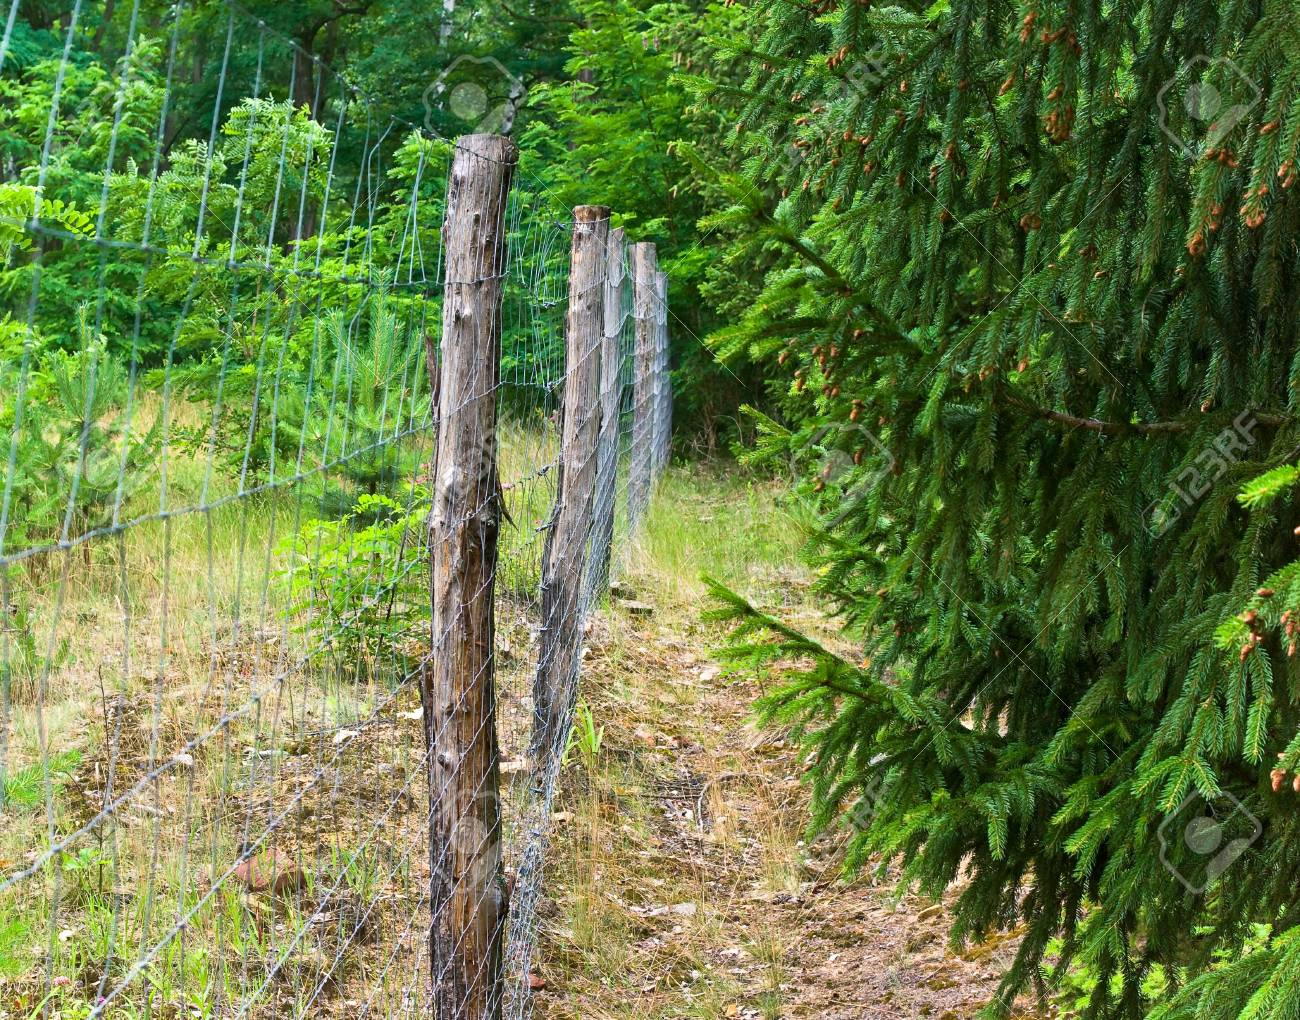 Zaun Aus Holz Fur Den Schutz Von Tieren Lizenzfreie Fotos Bilder